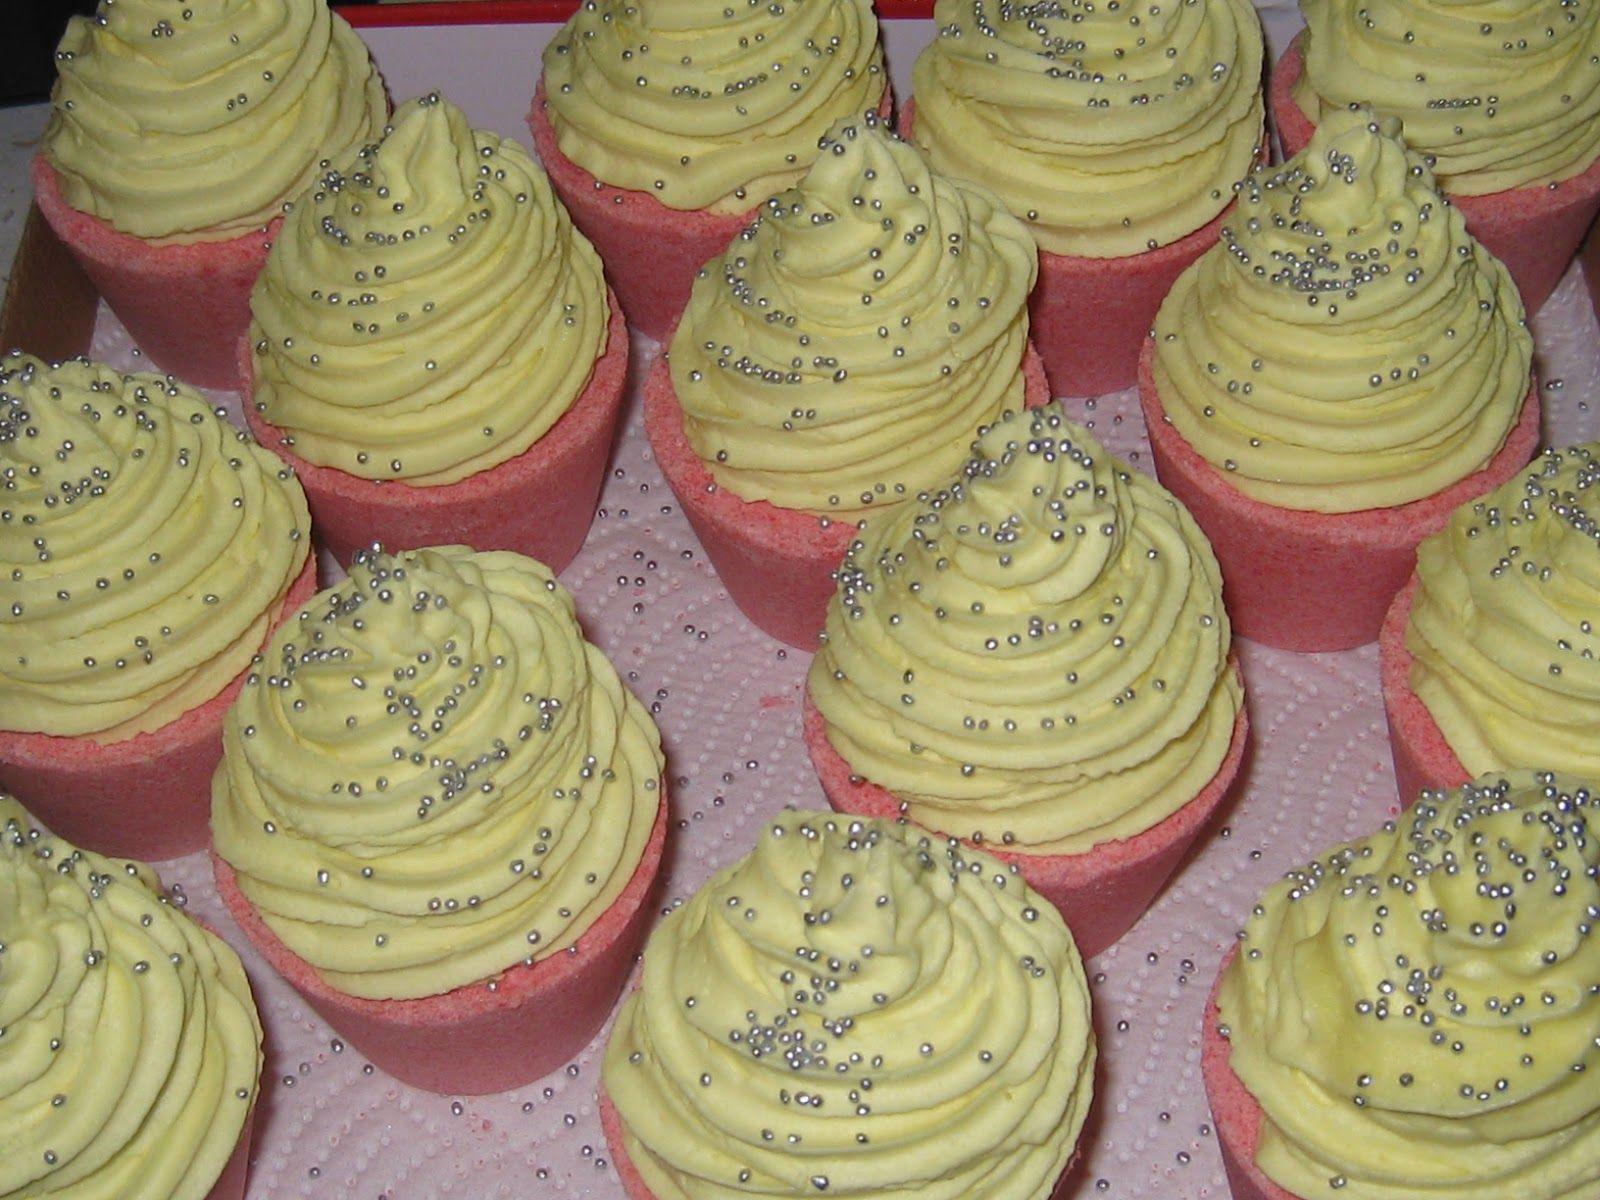 badecupcakes selber machen - Rezept auf Deutsch | Süße ...